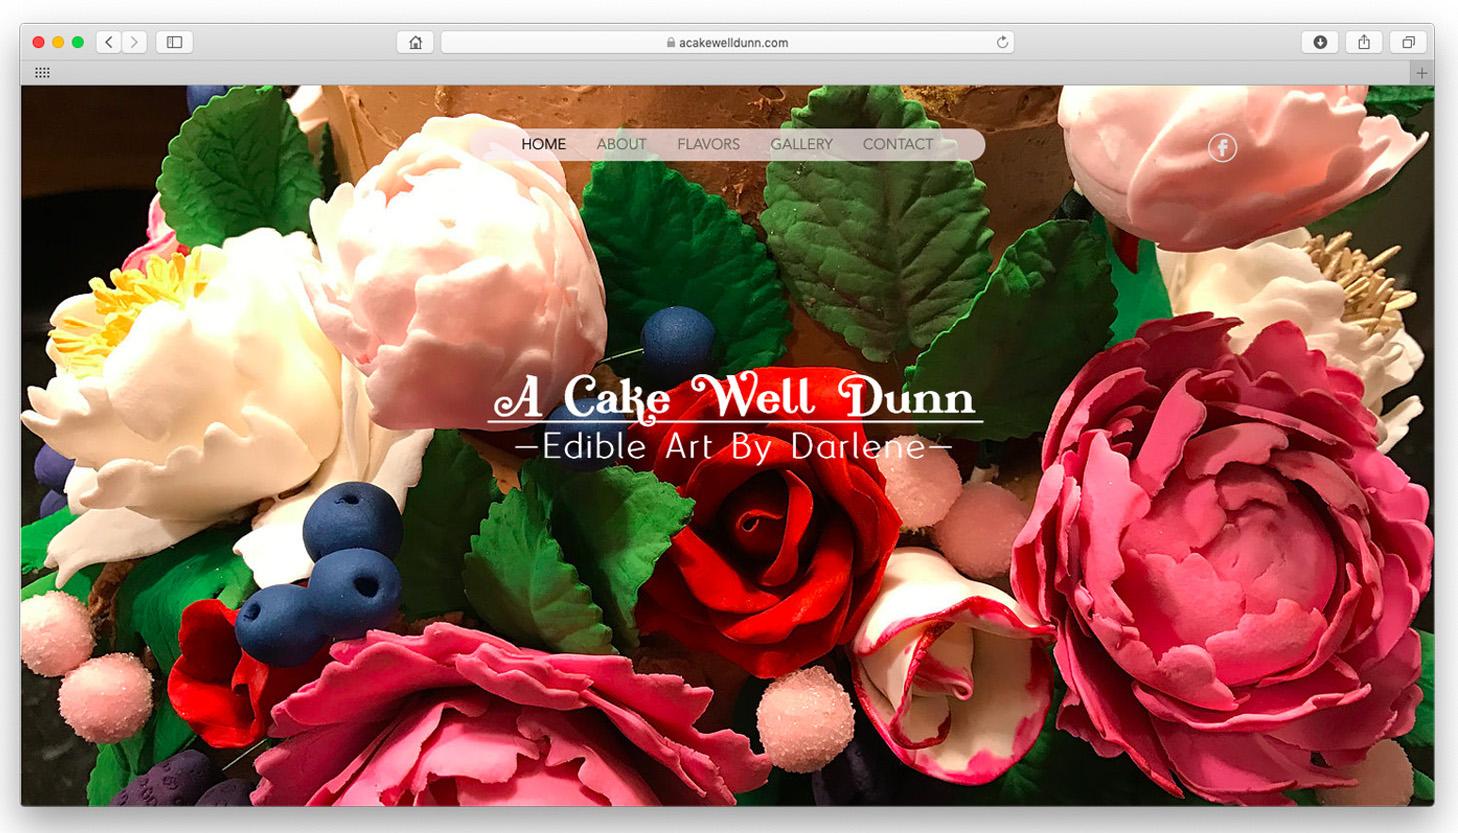 A Cake Well Dunn.  Edible art and confections by artist and baker Darlene Dunn.  www.acakewelldunn.com